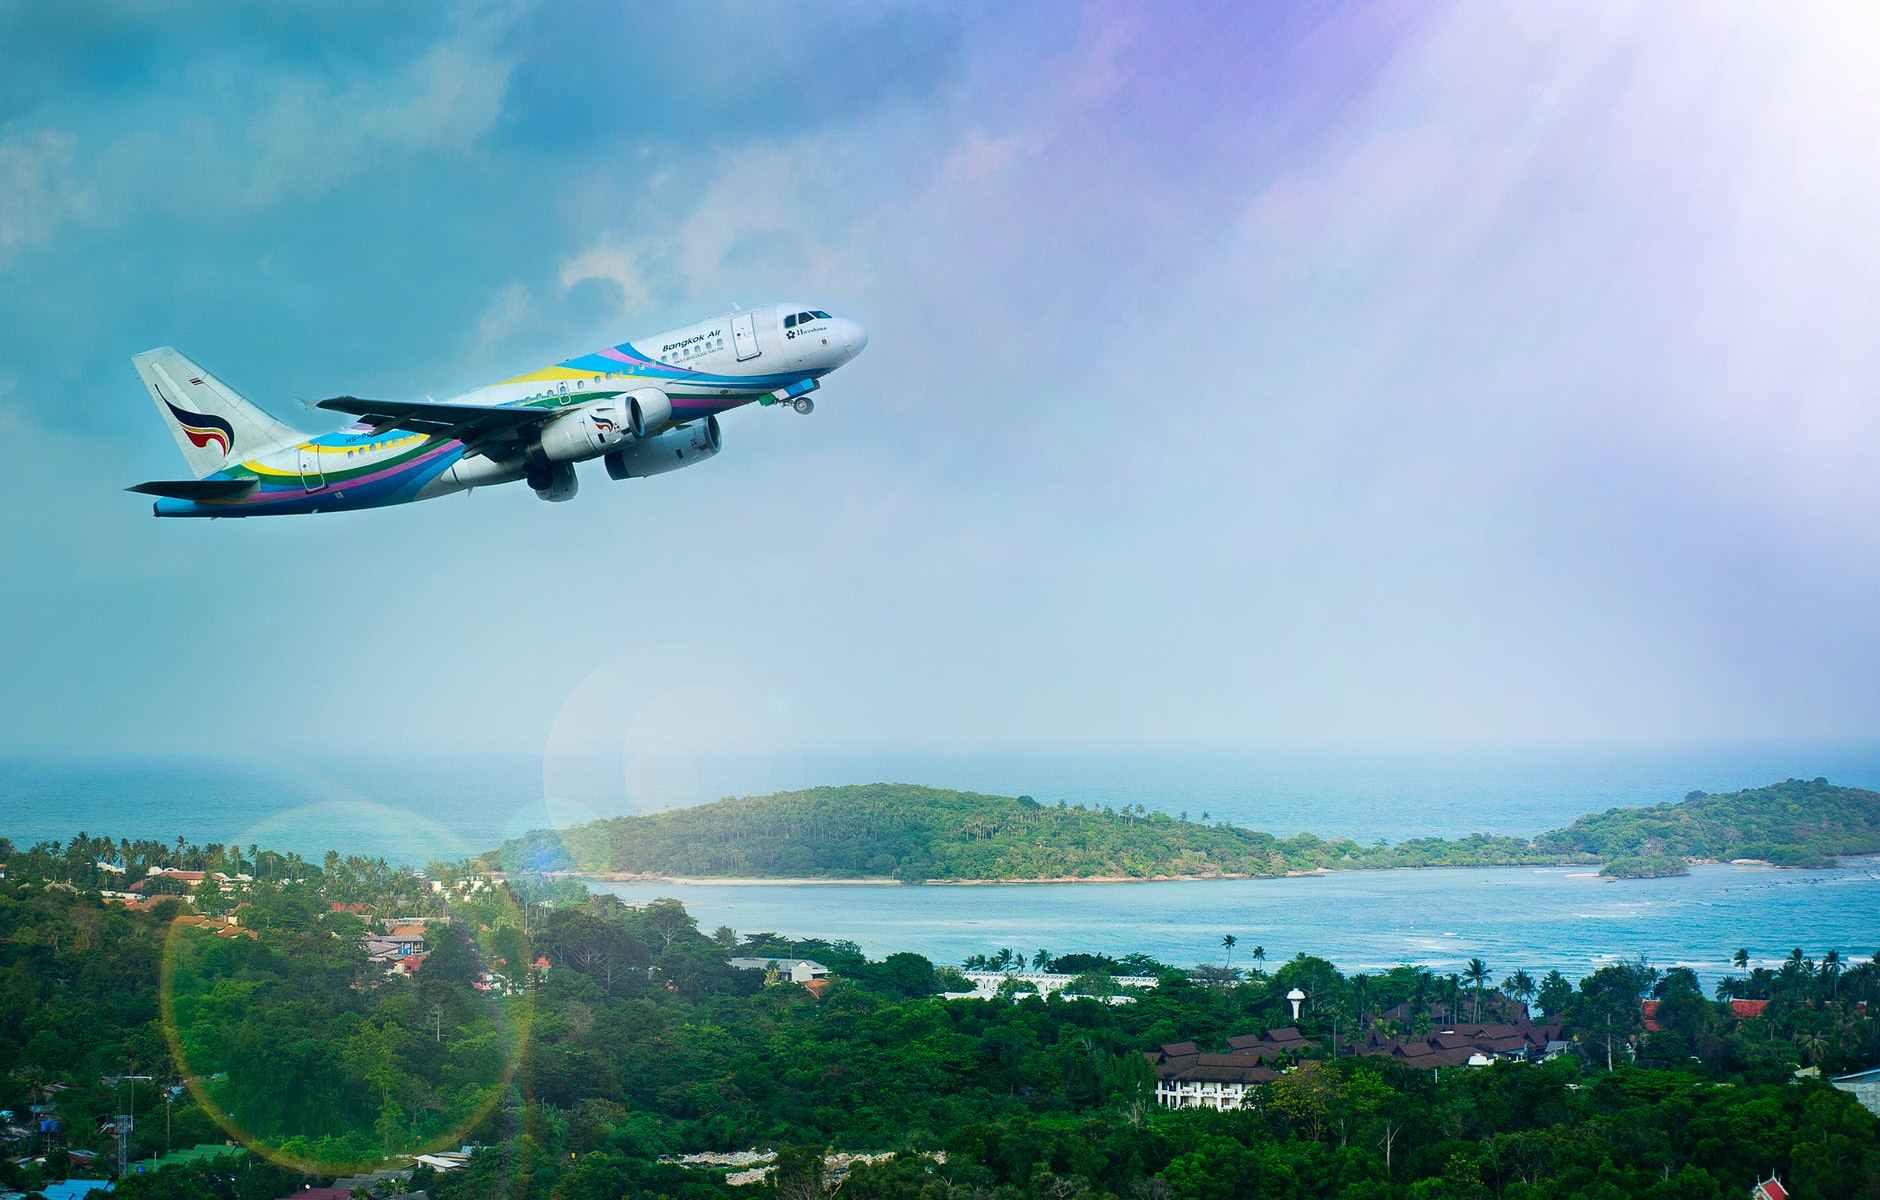 Koh Samui: Los turistas extranjeros serán bienvenidos sujetos a las reglas a partir del 1 de julio.